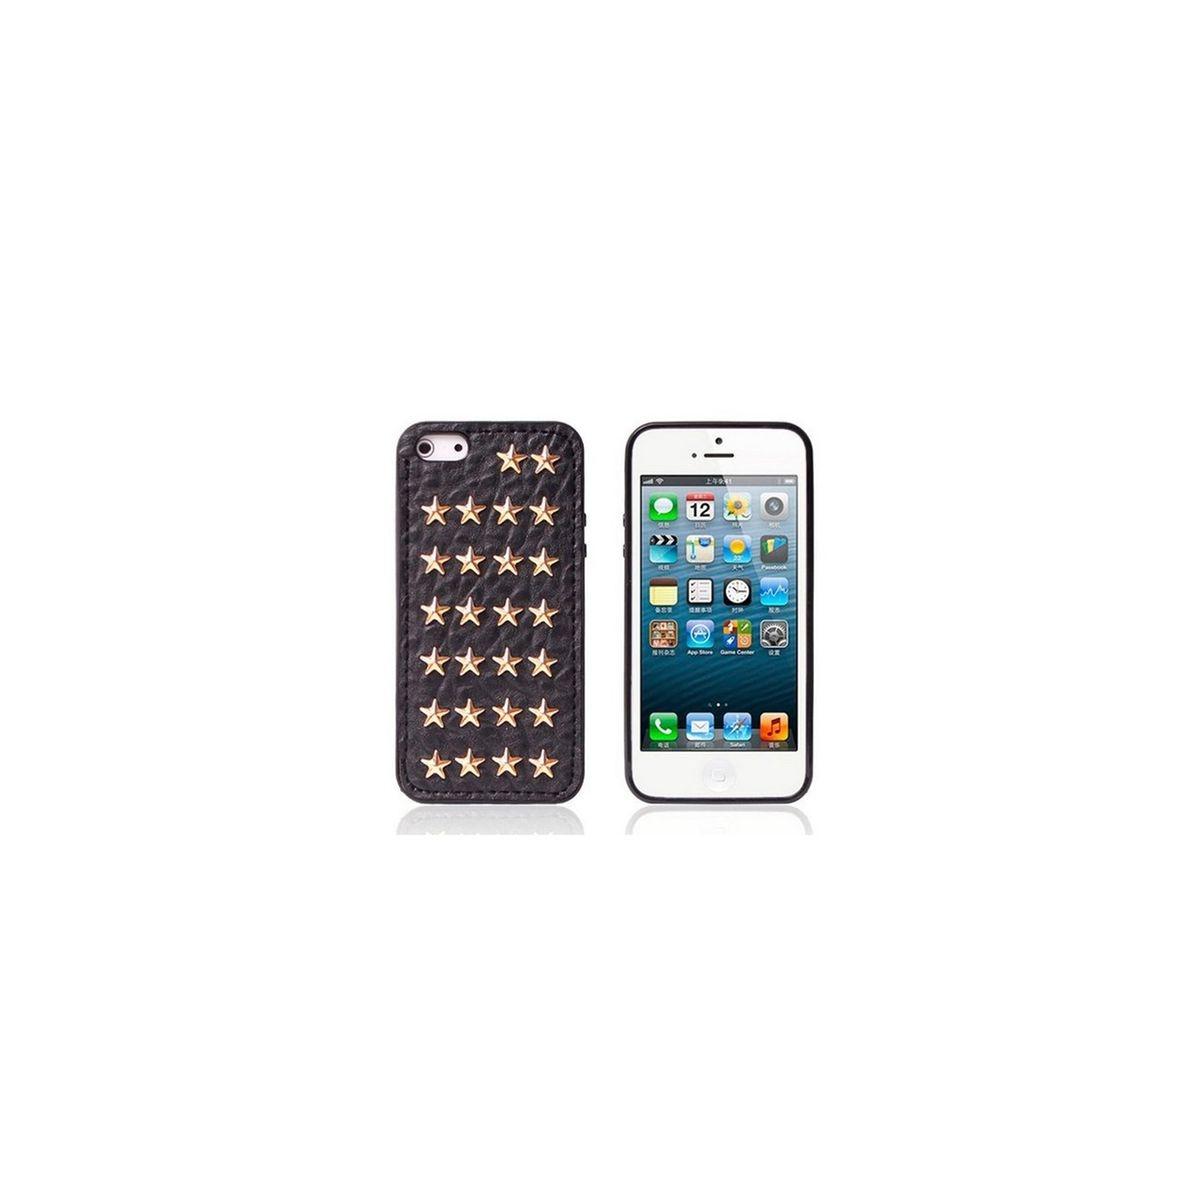 Coque souple effet cuir noir étoiles cloutées or pour iPhone 5 / 5S